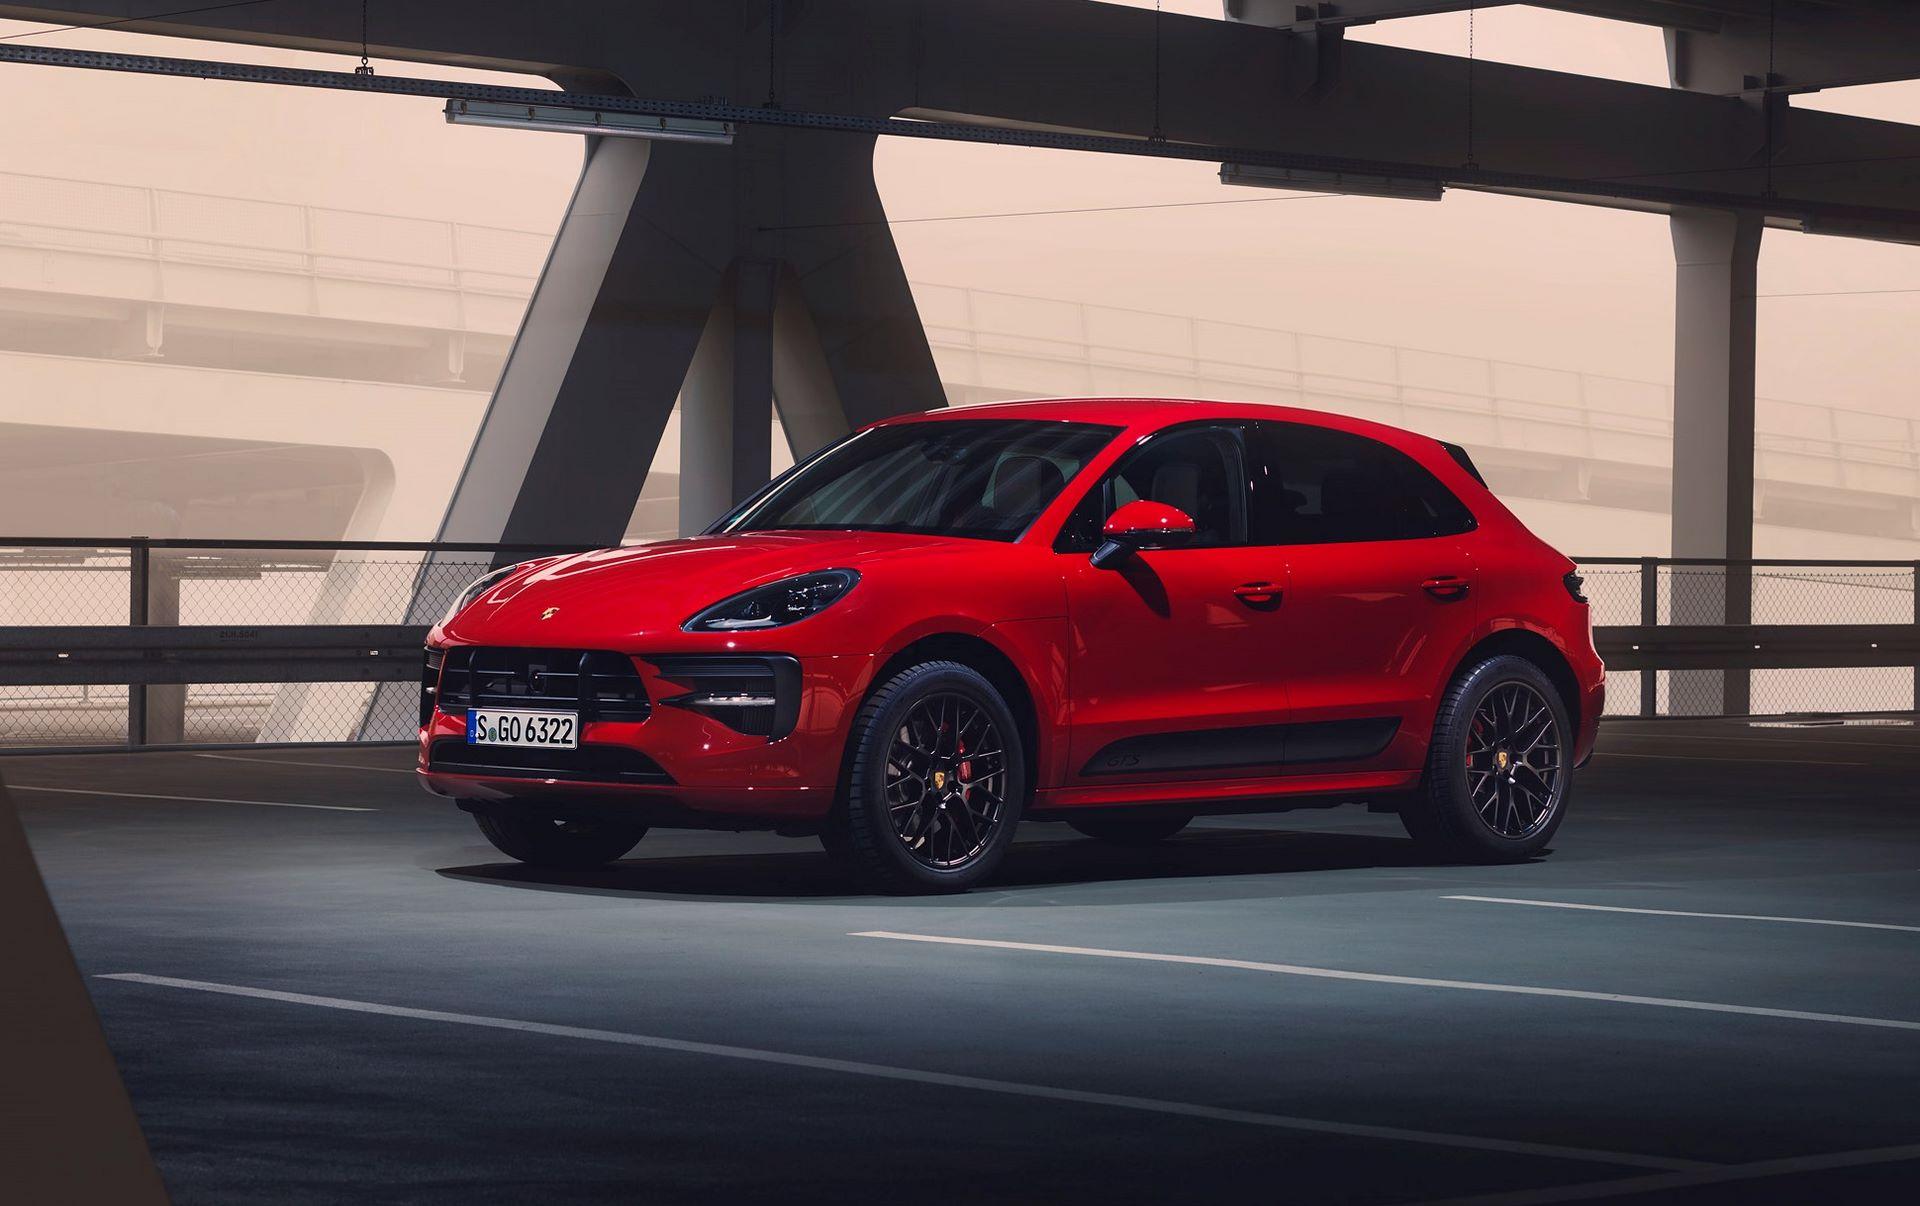 Porsche-Macan-GTS-2020-1